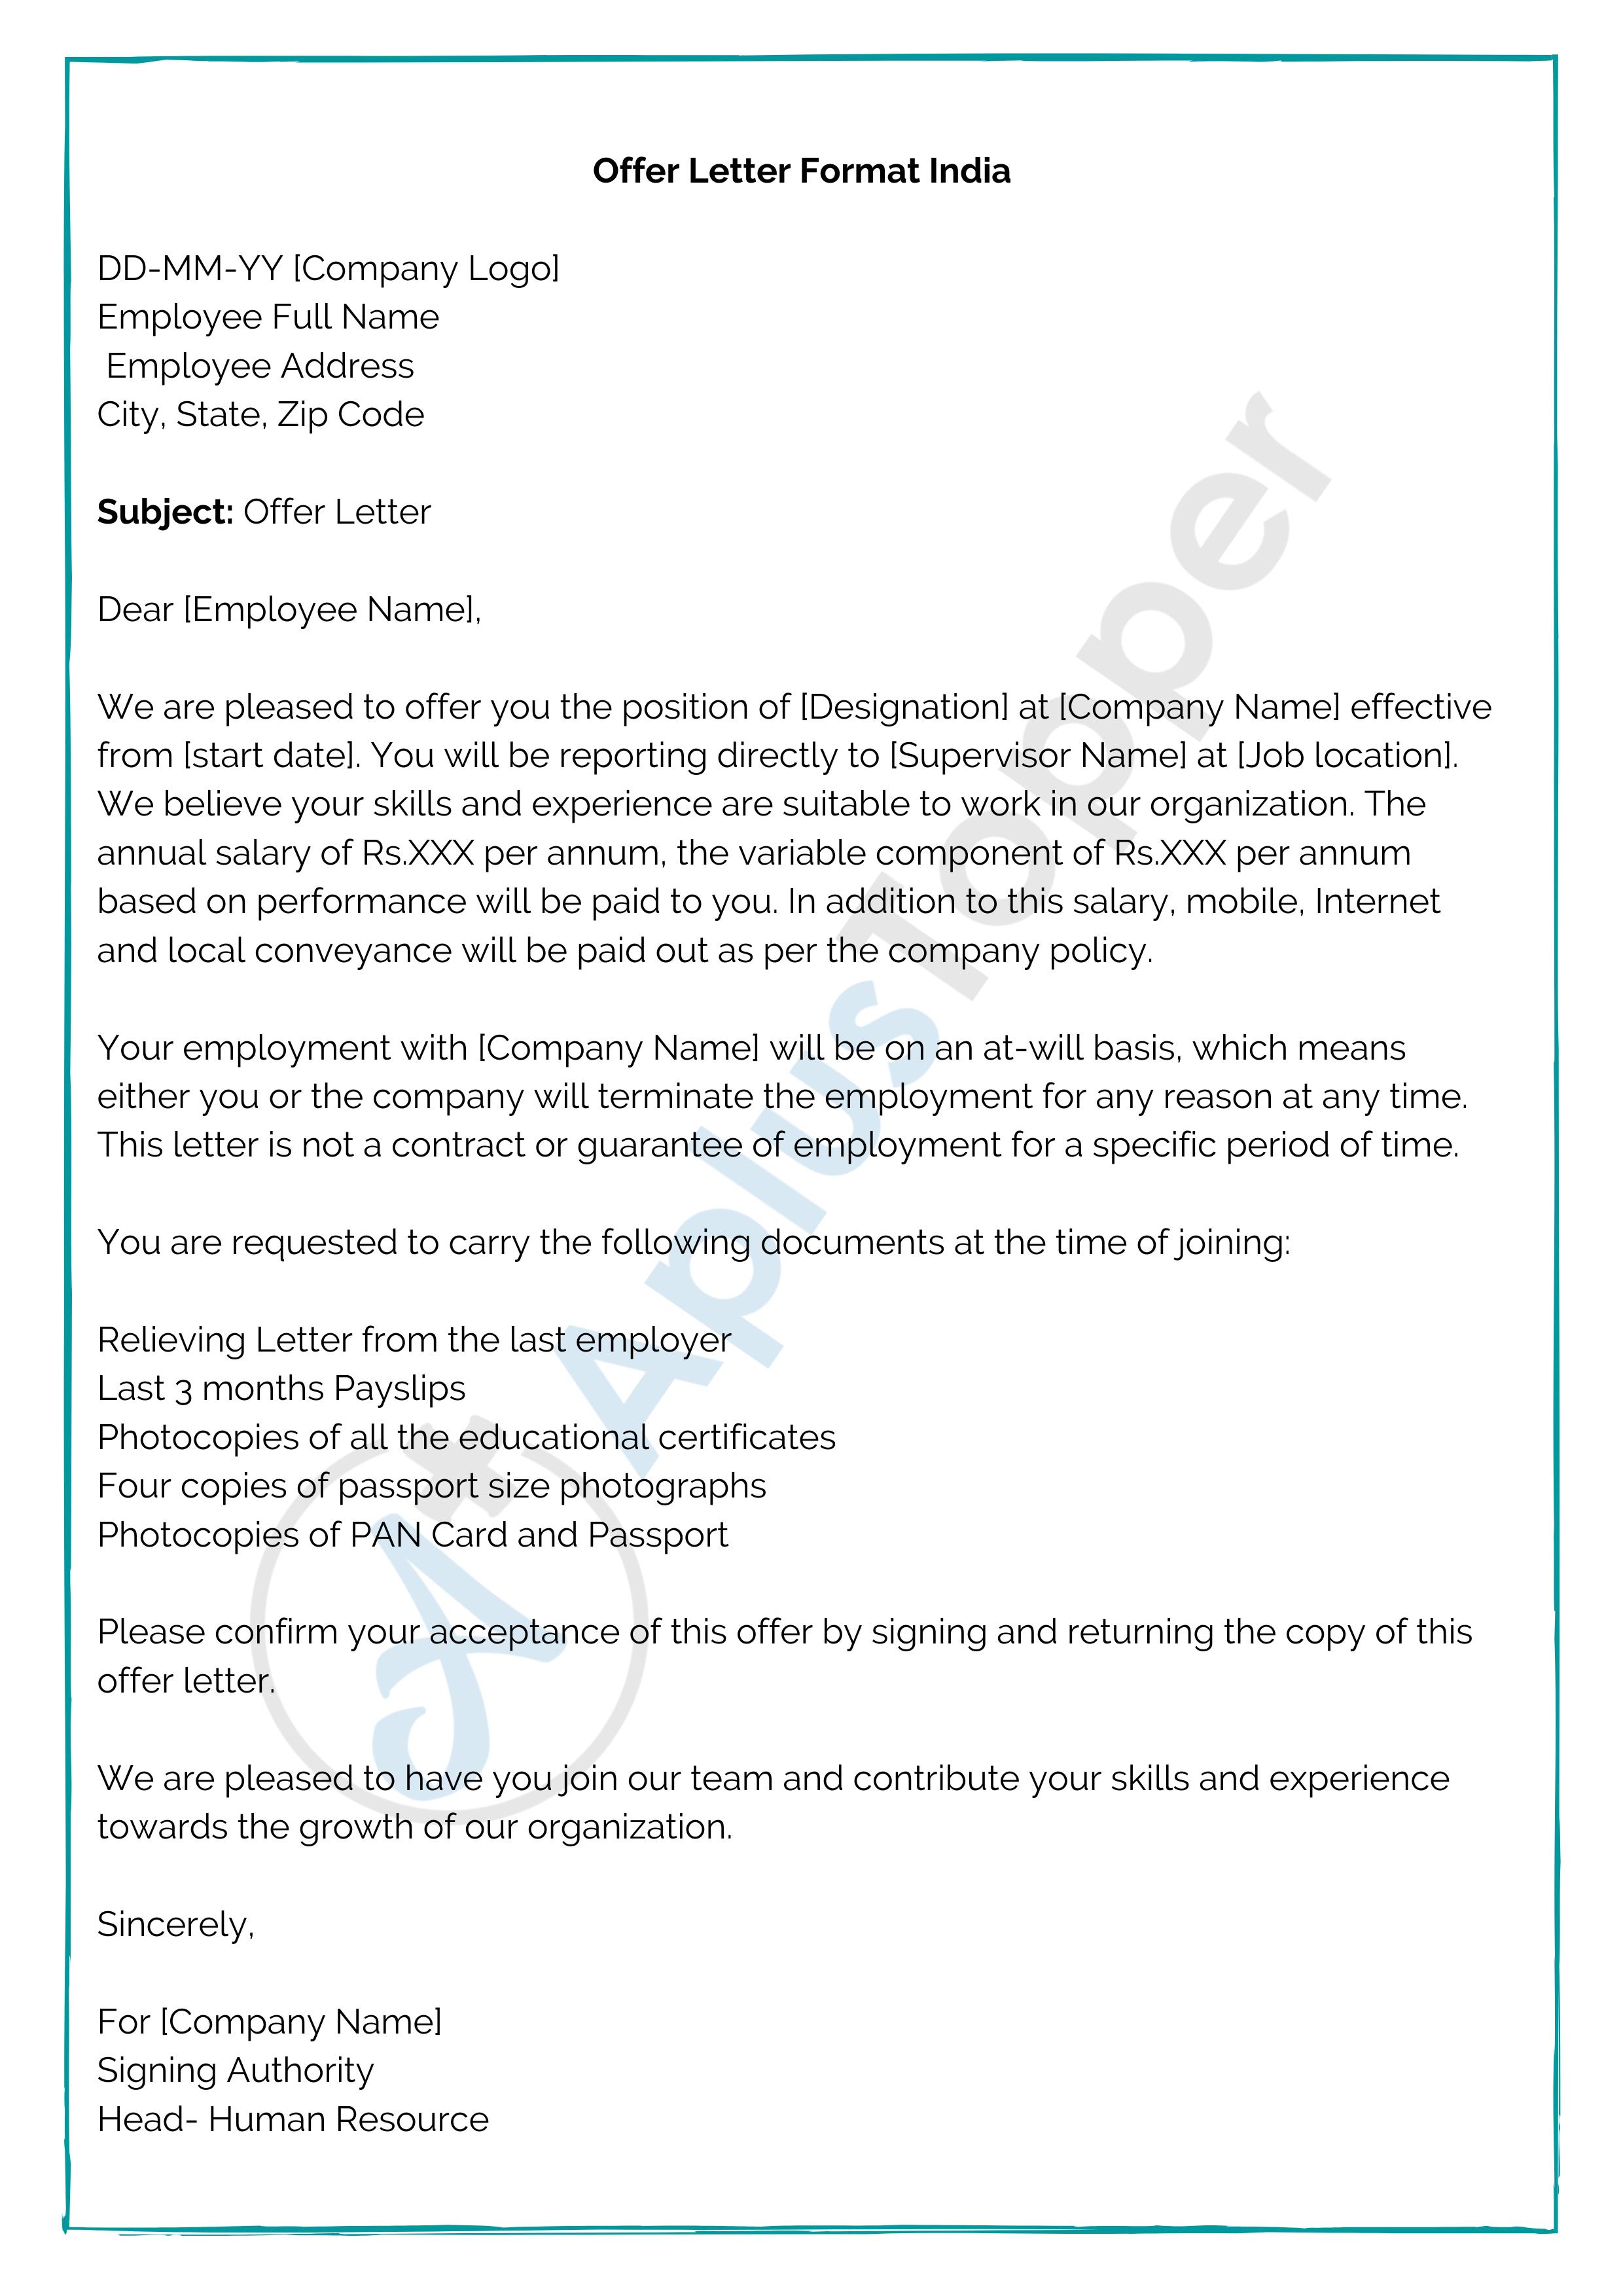 Offer Letter Sample India